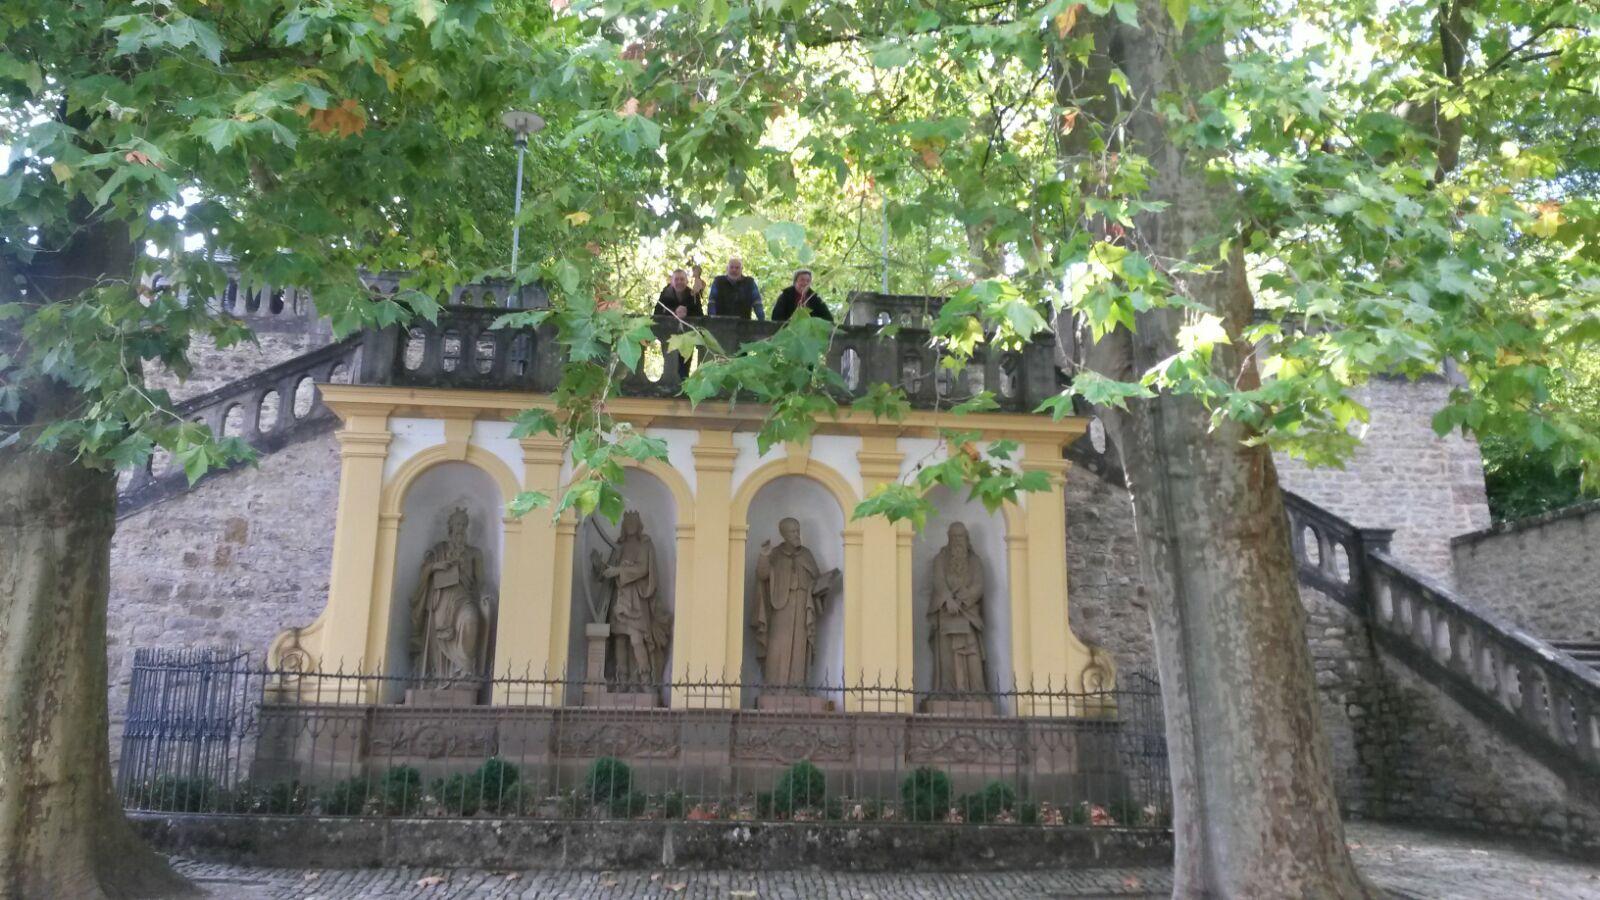 Die 4 Propheten am Stationenweg, eine der berühmten Sehenswürdigkeiten von Würzburg